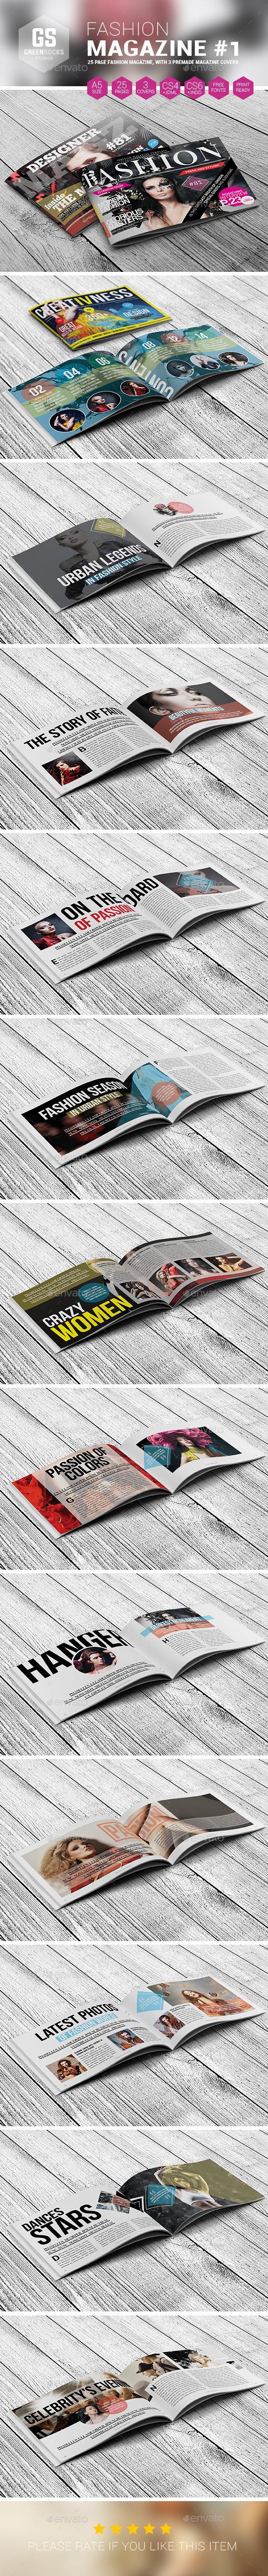 GraphicRiver Landscape Fashion Magazine #1 9189560